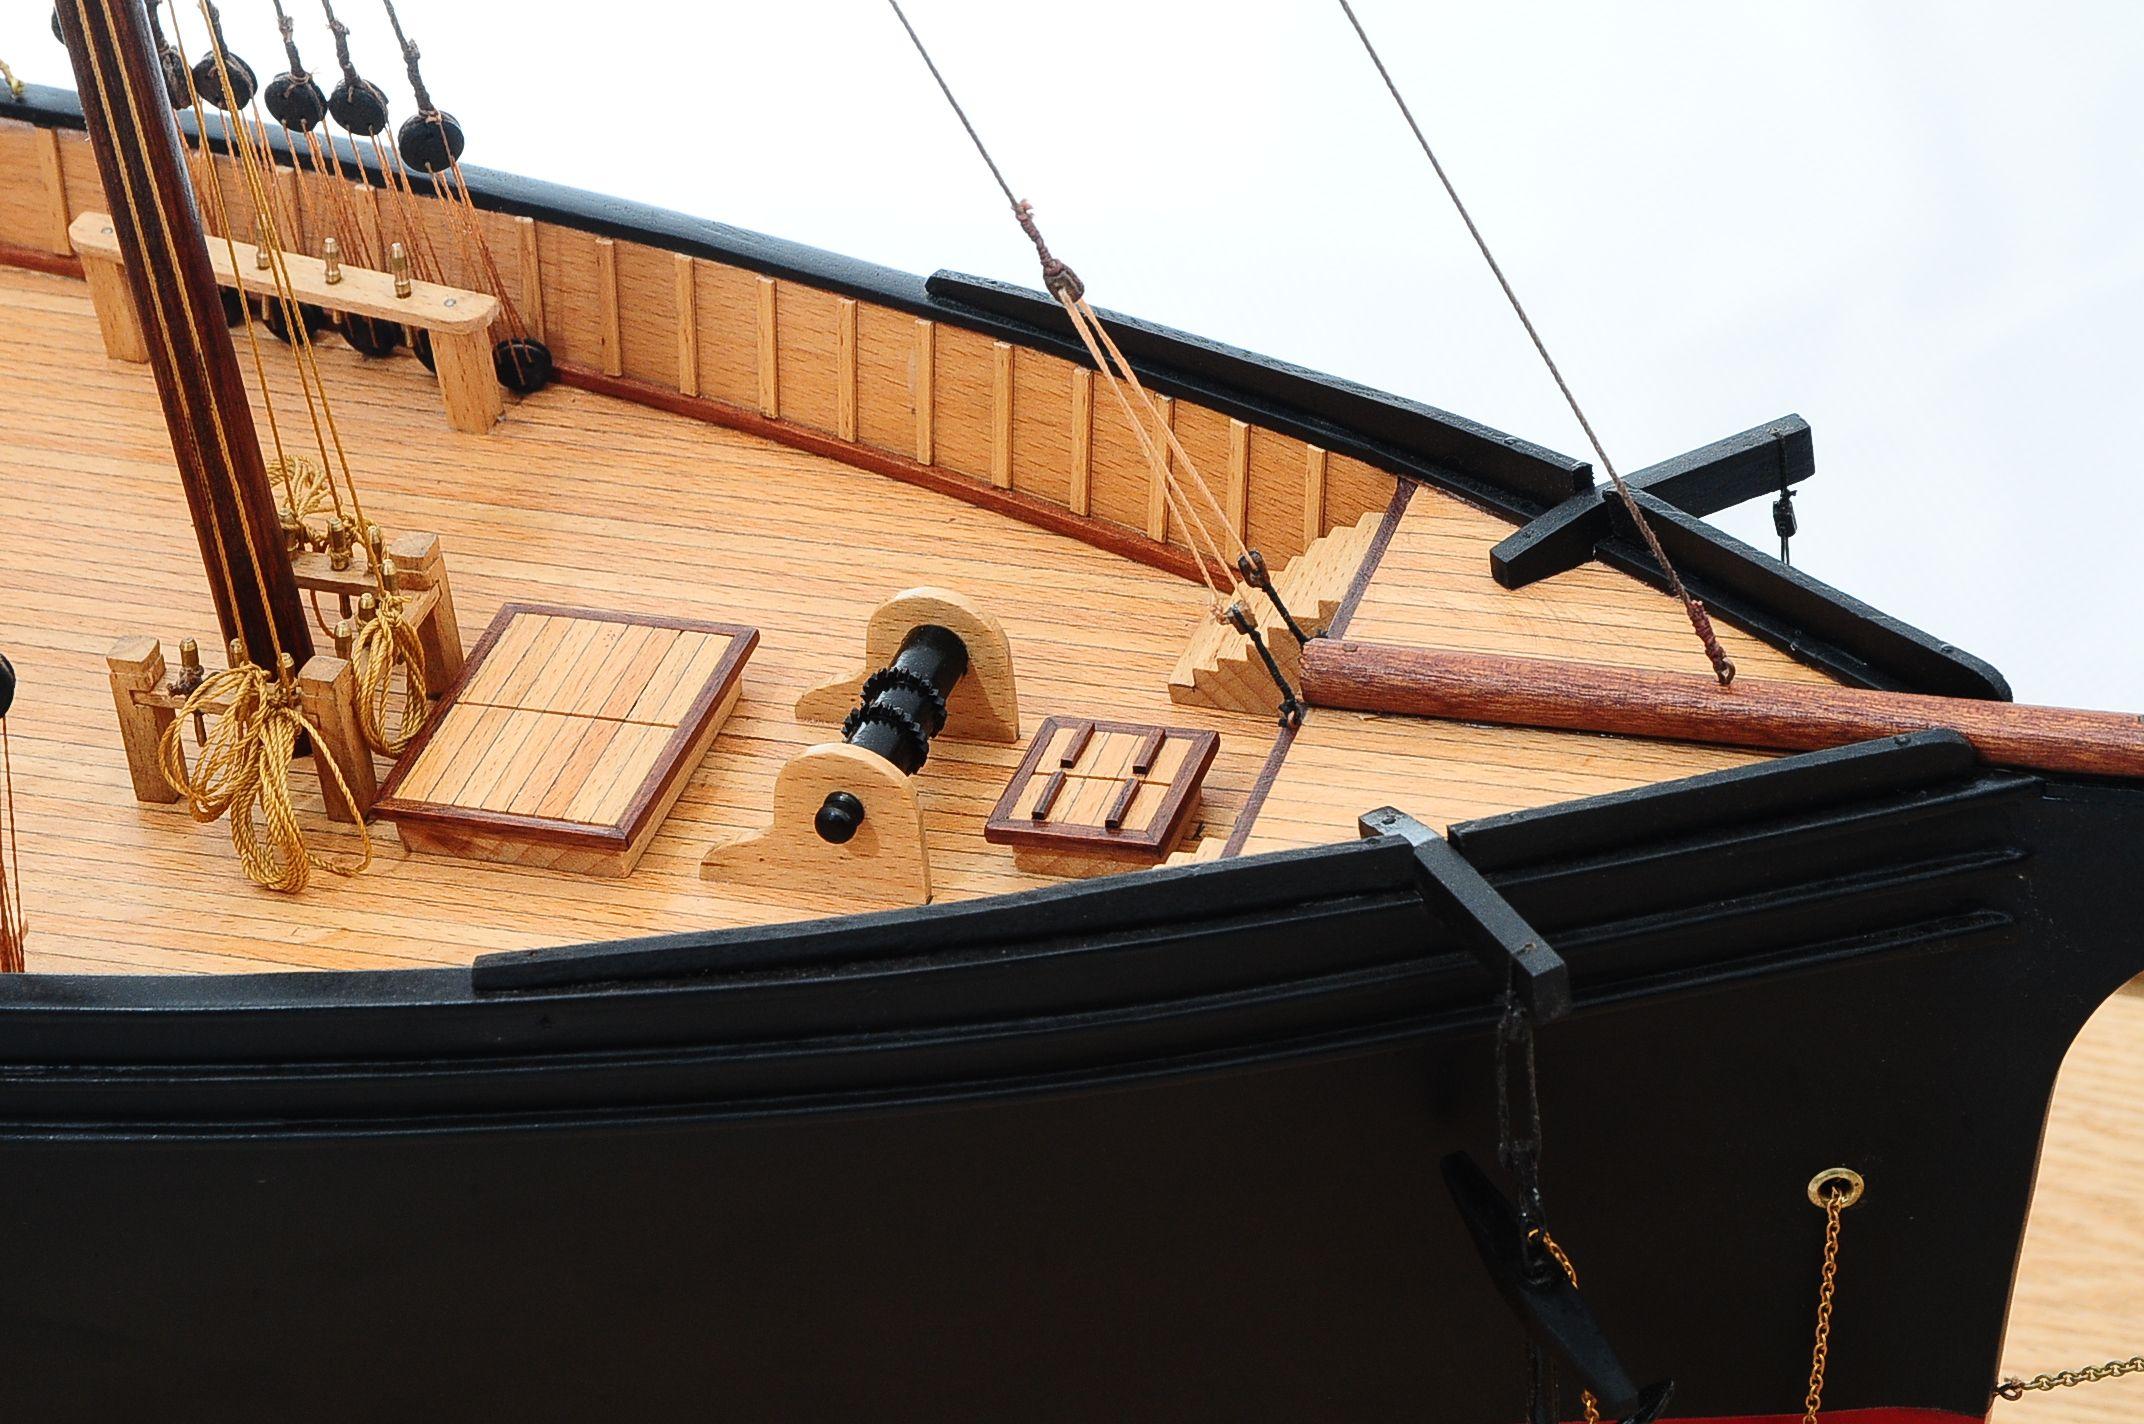 668-8651-California-Model-Ship-Premier-Range